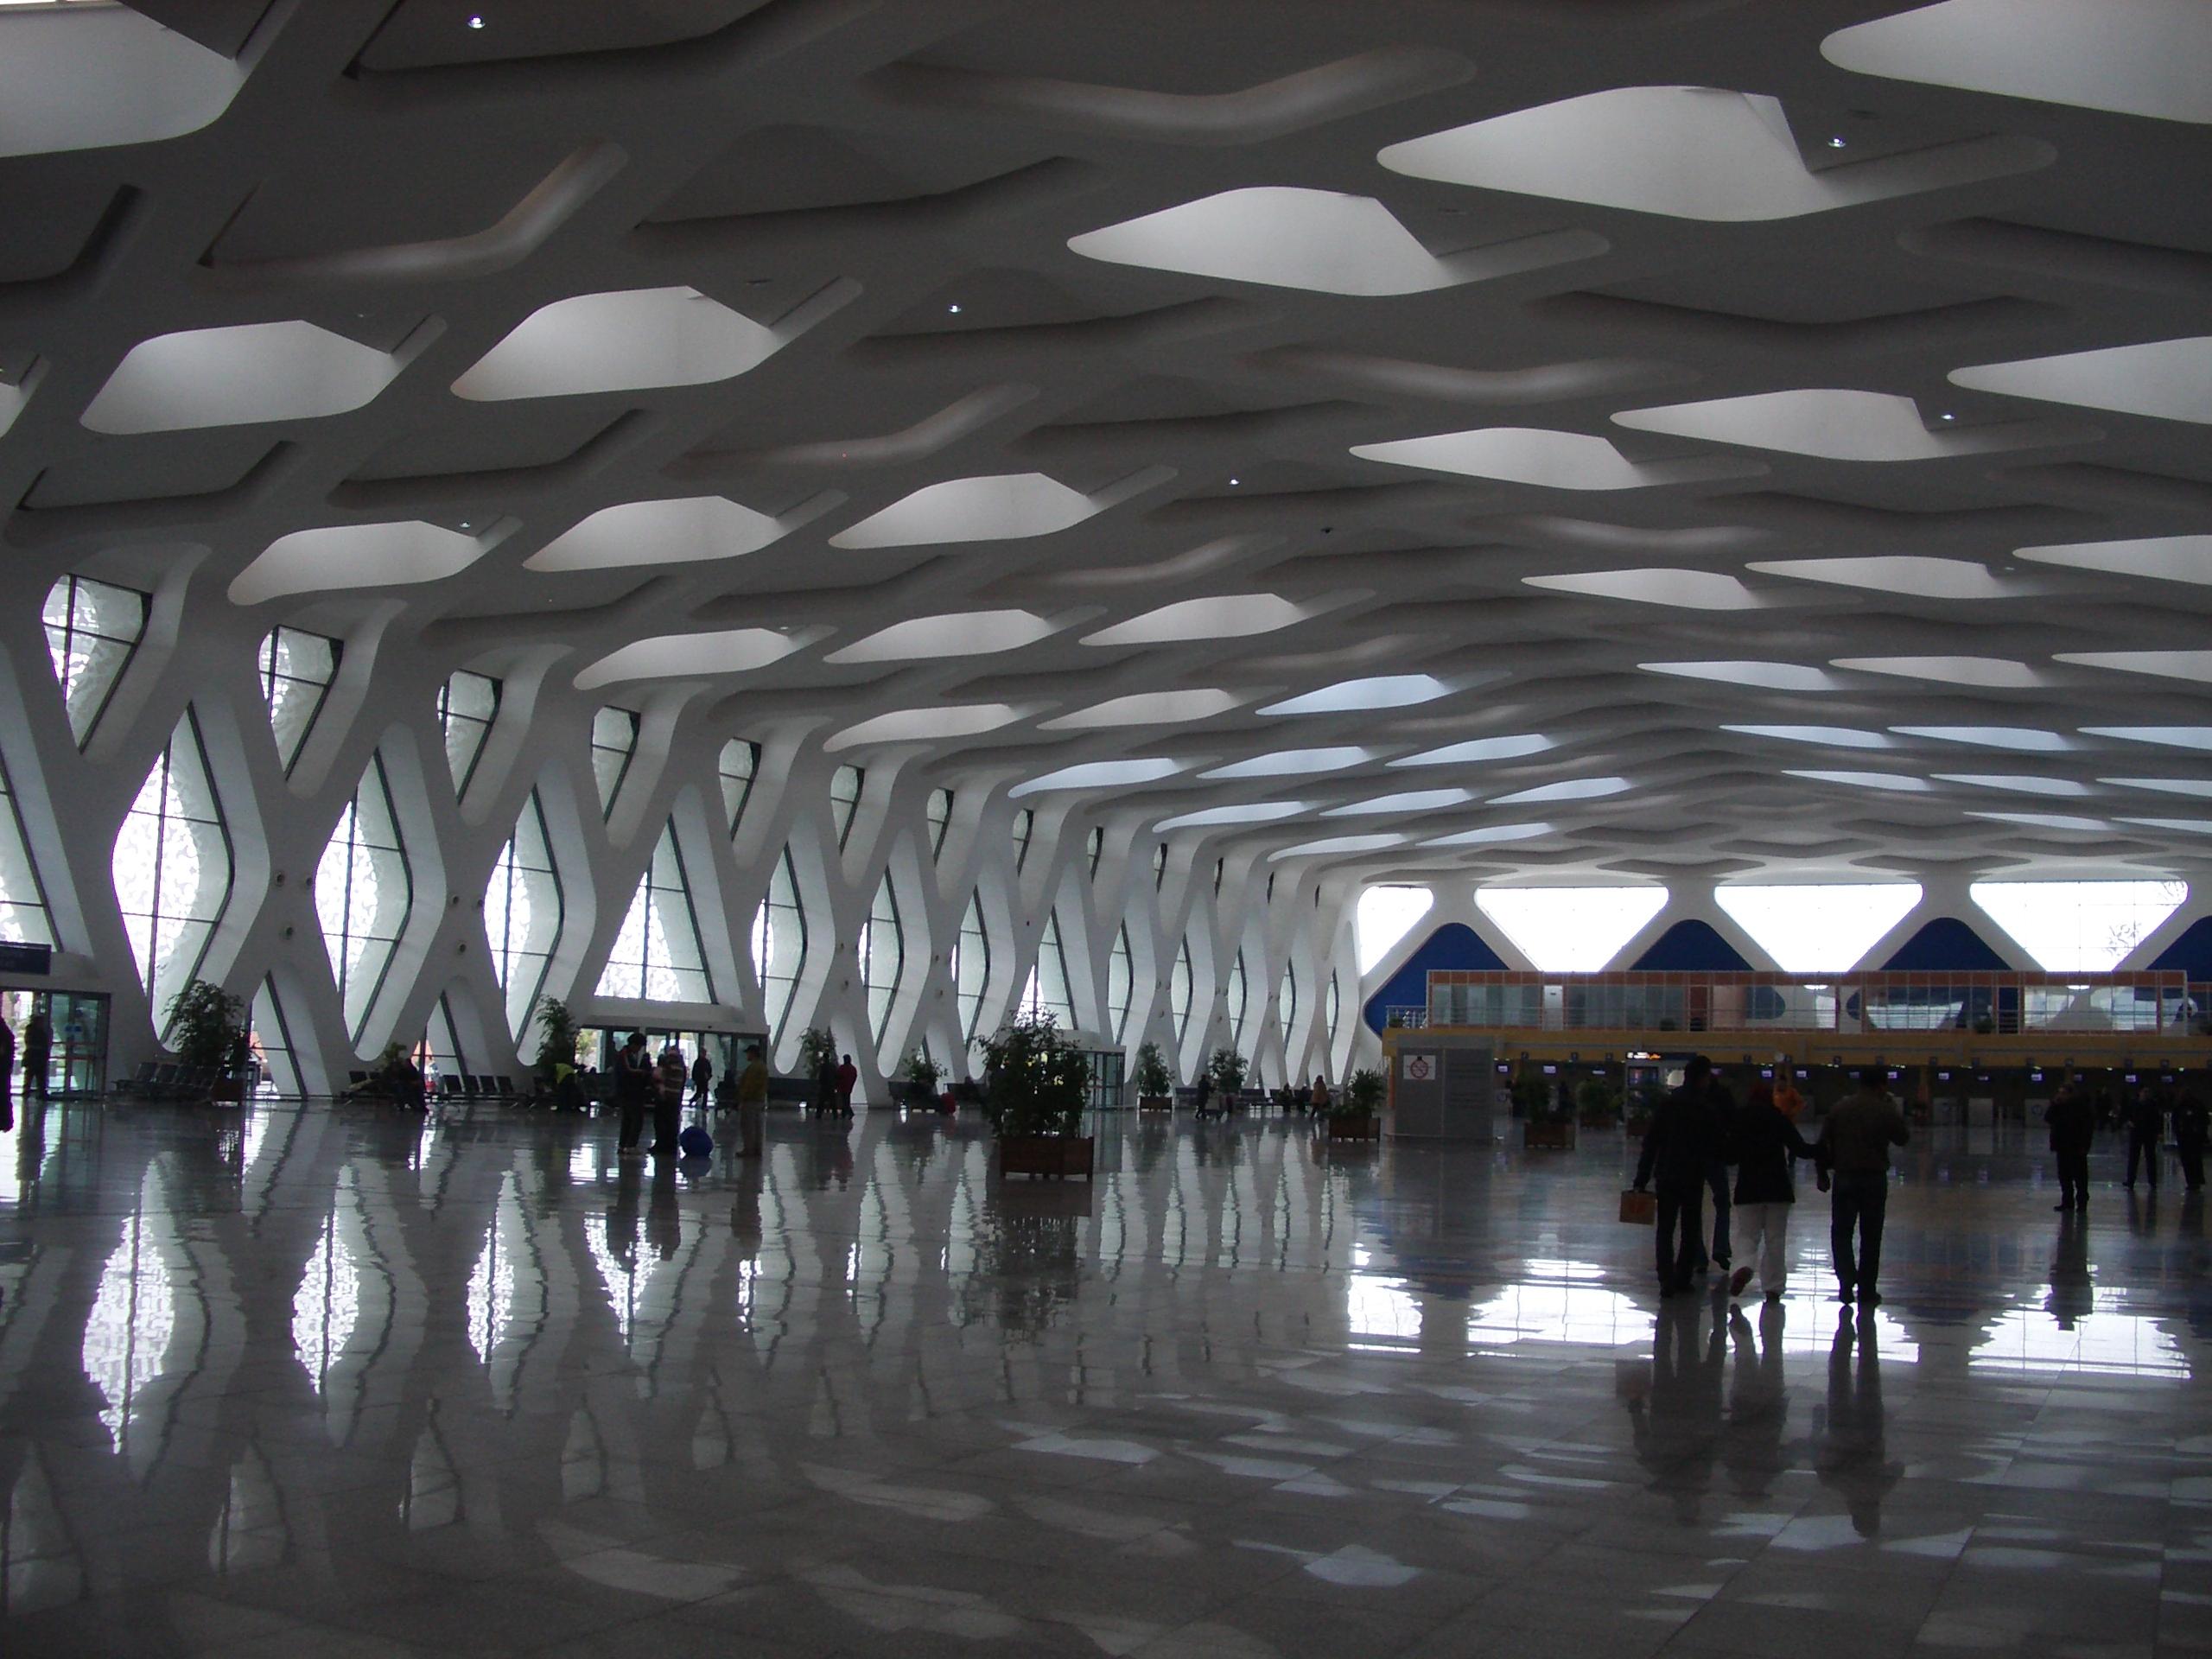 File:Marrakech aeroport interieur.jpg - Wikimedia Commons